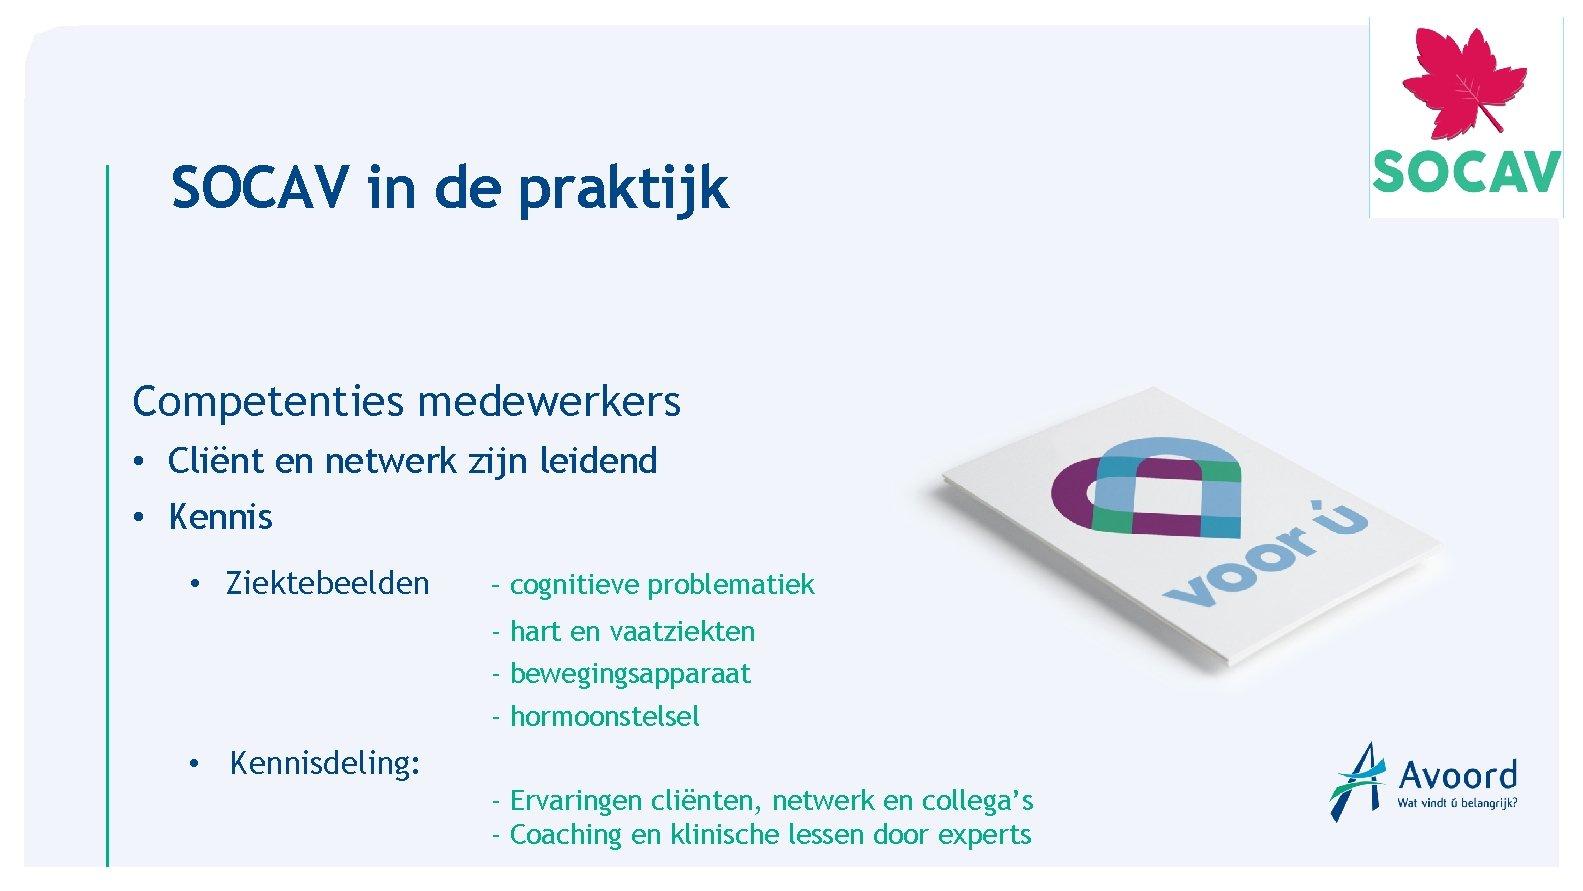 SOCAV in de praktijk Competenties medewerkers • Cliënt en netwerk zijn leidend • Kennis